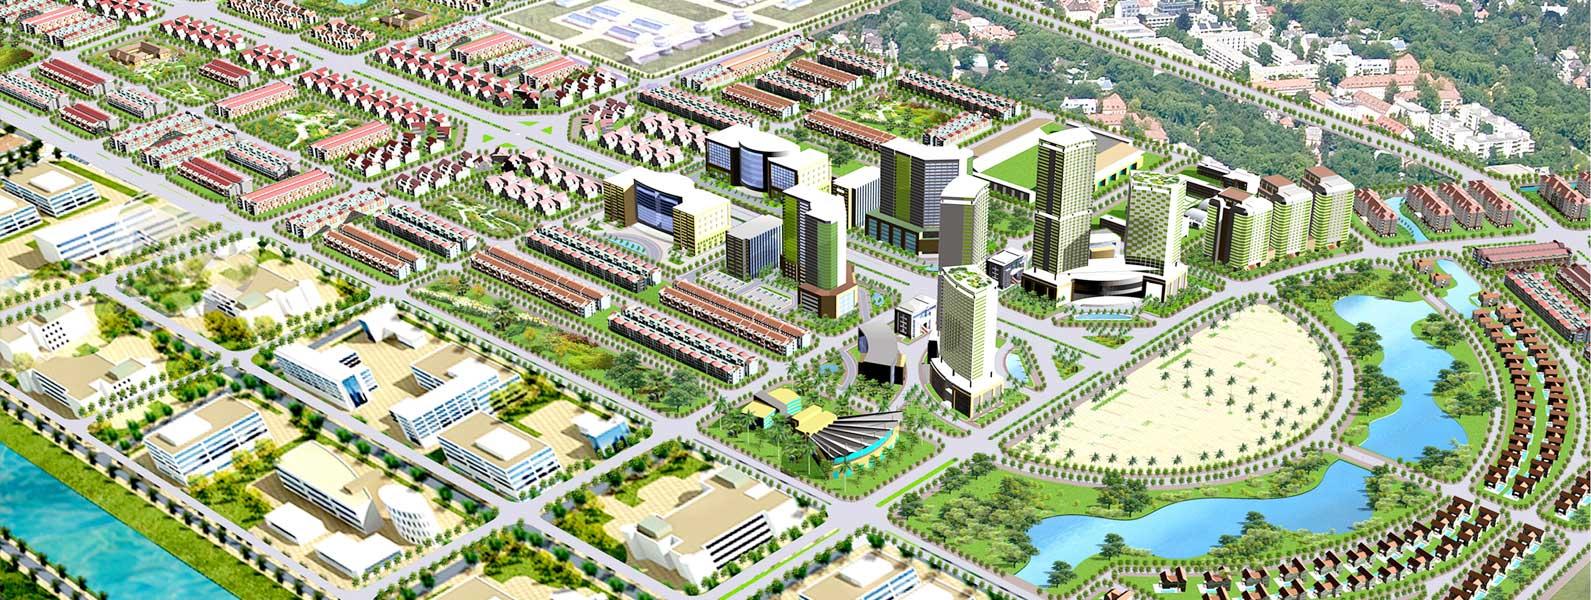 Tổng quan dự án Khu đô thị Nam Hồng Garden, Từ Sơn, Bắc Ninh